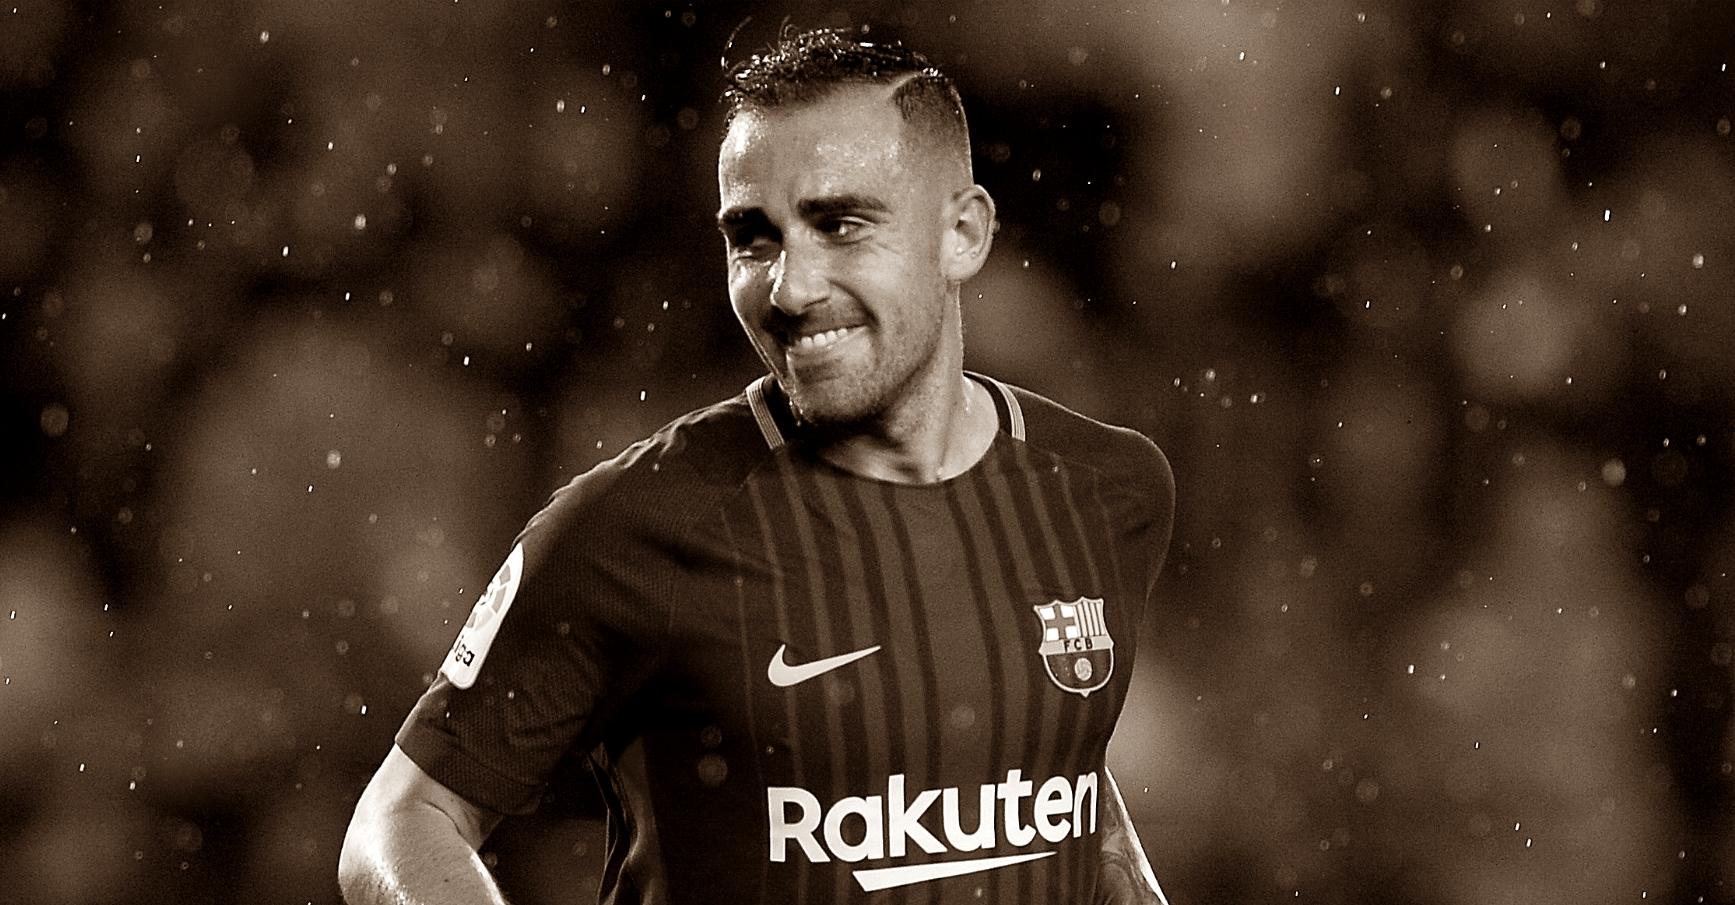 Biodata Paco Alcacer - Biografi Lengkap dan Profil Singkat Pemain Spanyol dan Barcelona